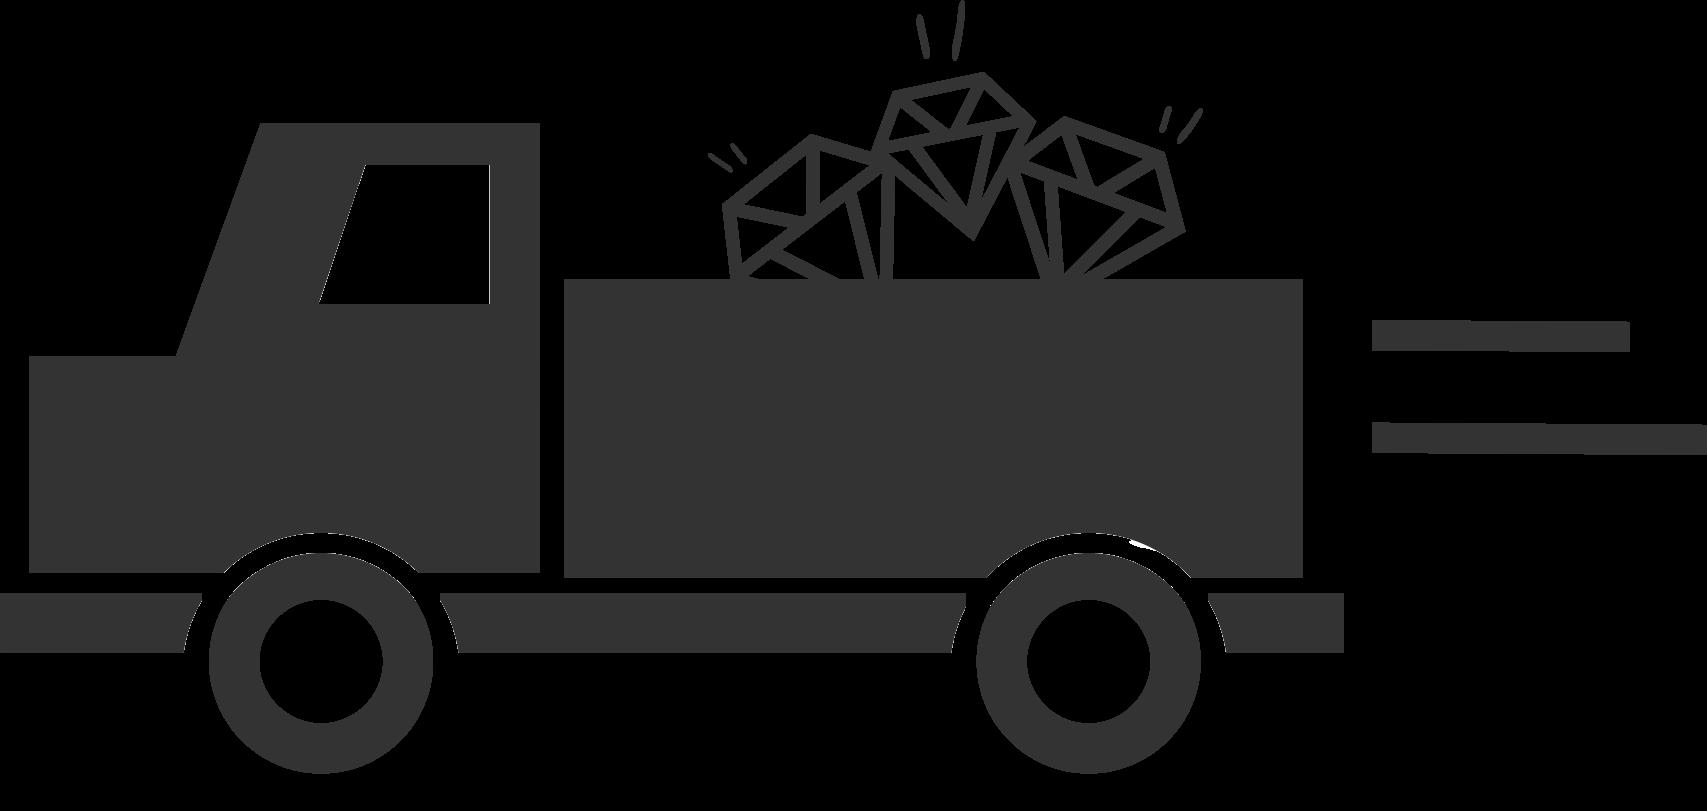 Lastebil med diamanter på planet til illustrasjon for at du returnerer smykkene når du har sett på dem.